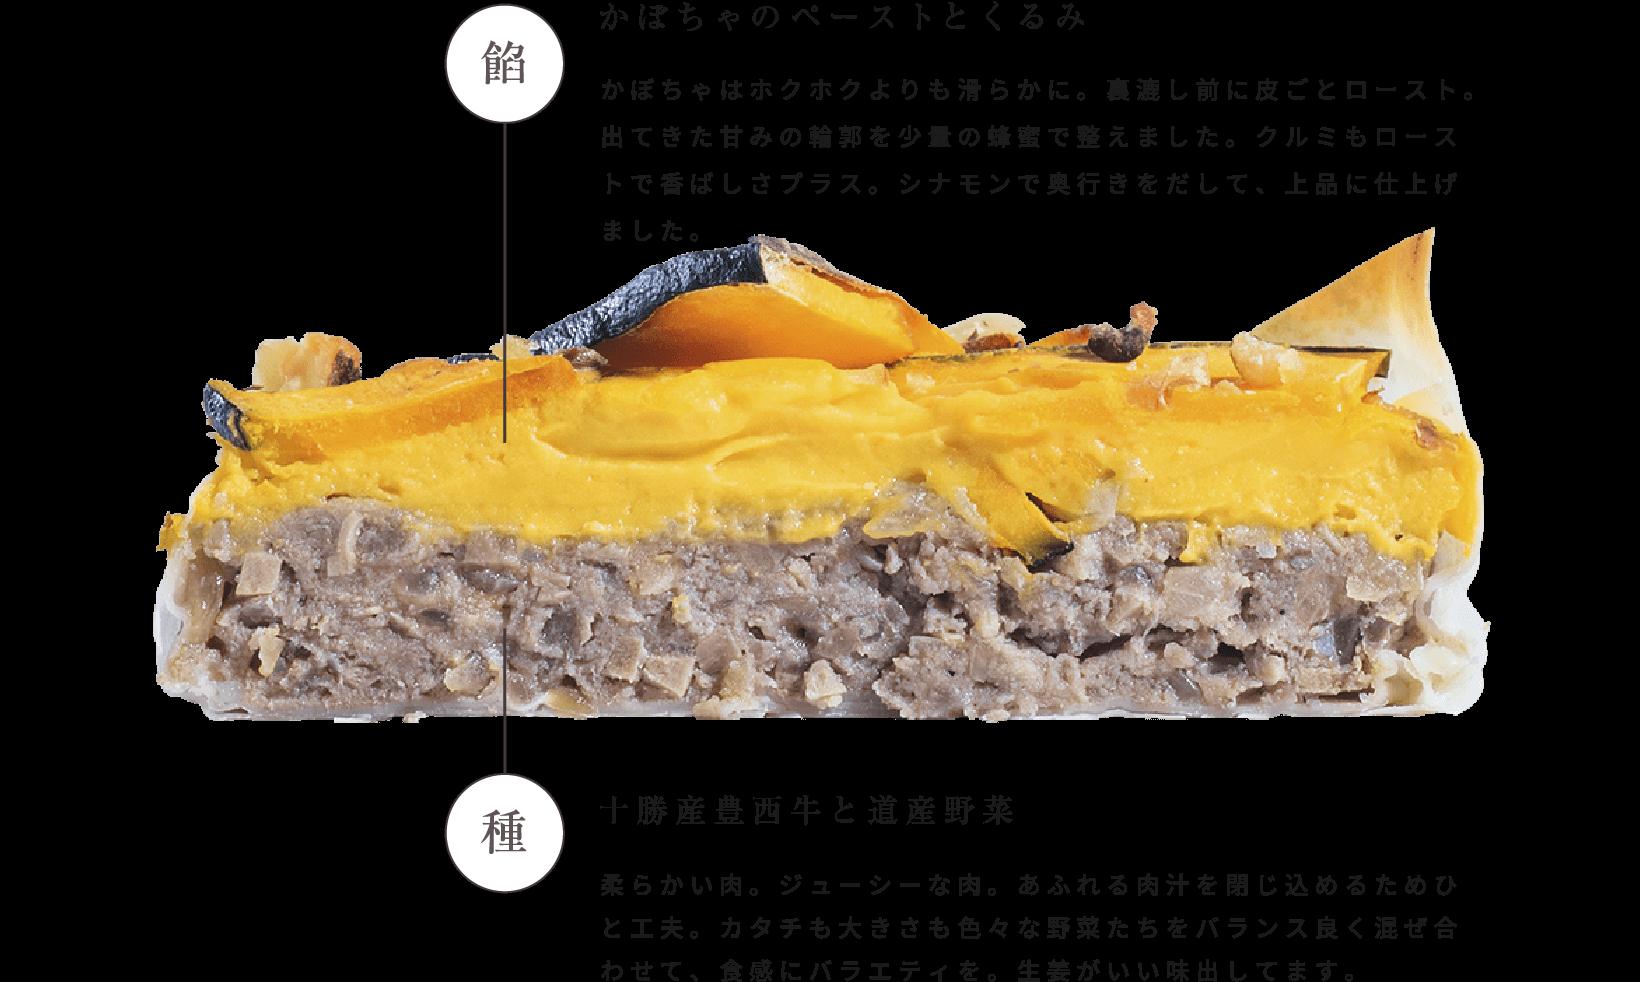 餡 北海道産えびす南瓜とくるみ かぼちゃはホクホクよりも滑らかに。裏漉し前に皮ごとロースト。出てきた甘みの輪郭を少量の蜂蜜で整えました。クルミもローストで香ばしさプラス。シナモンで奥行きをだして、上品に仕上げました。種 十勝の豊西牛と道産野菜 柔らかい肉。ジューシーな肉。あふれる肉汁を閉じ込めるためひと工夫。カタチも大きさも色々な野菜たちをバランス良く混ぜ合わせて、食感にバラエティを。生姜がいい味出してます。